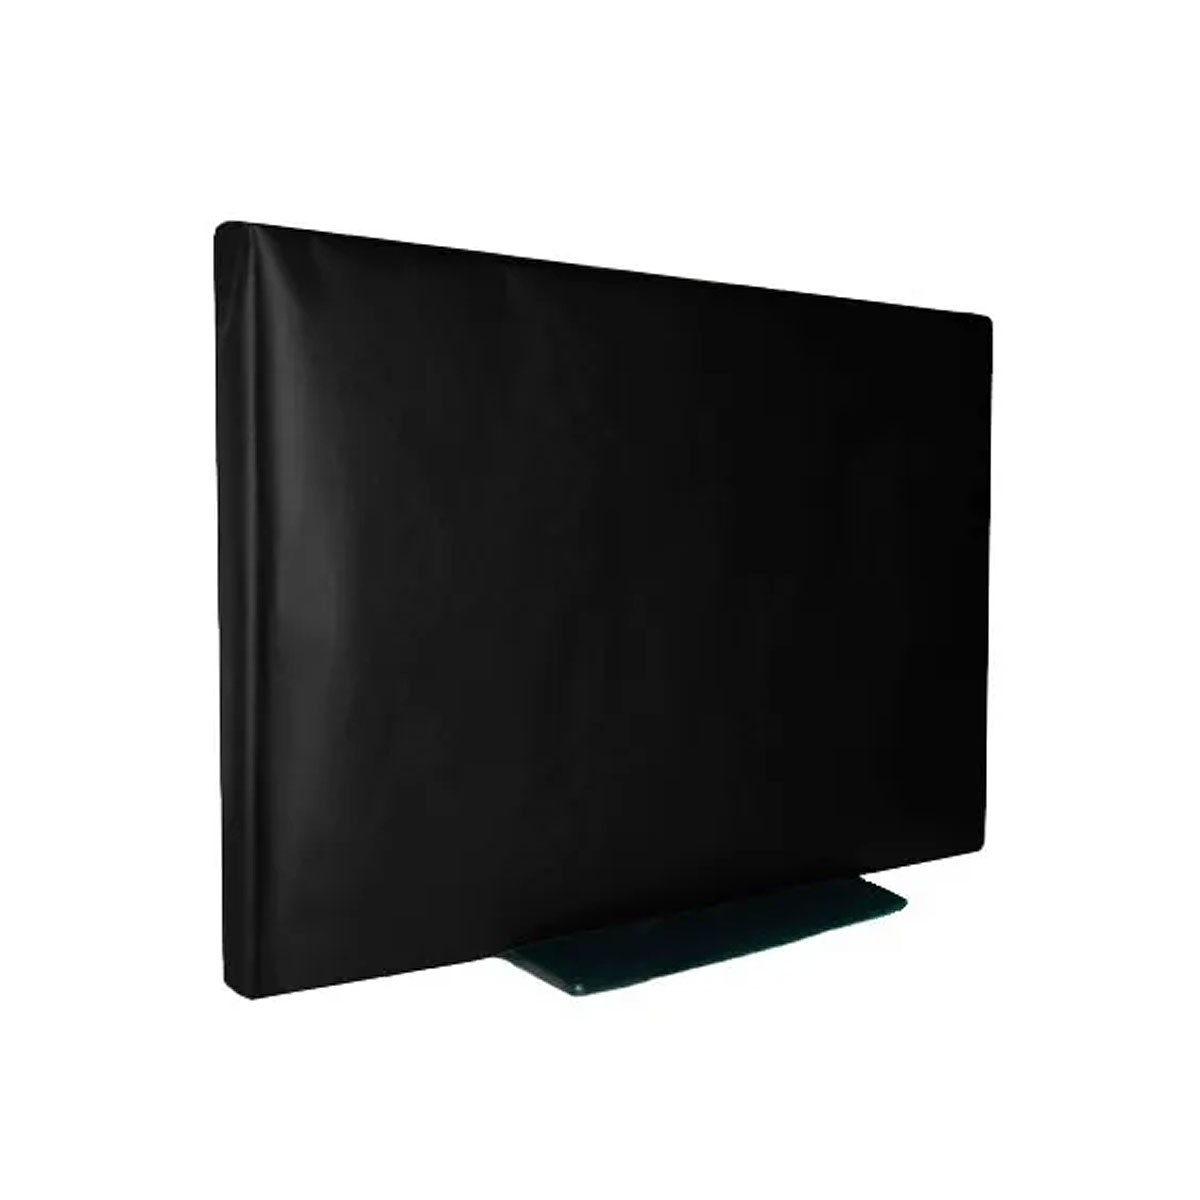 Capa Tv Led 55 Em Corino Com Velcro Não Sai Com O Vento